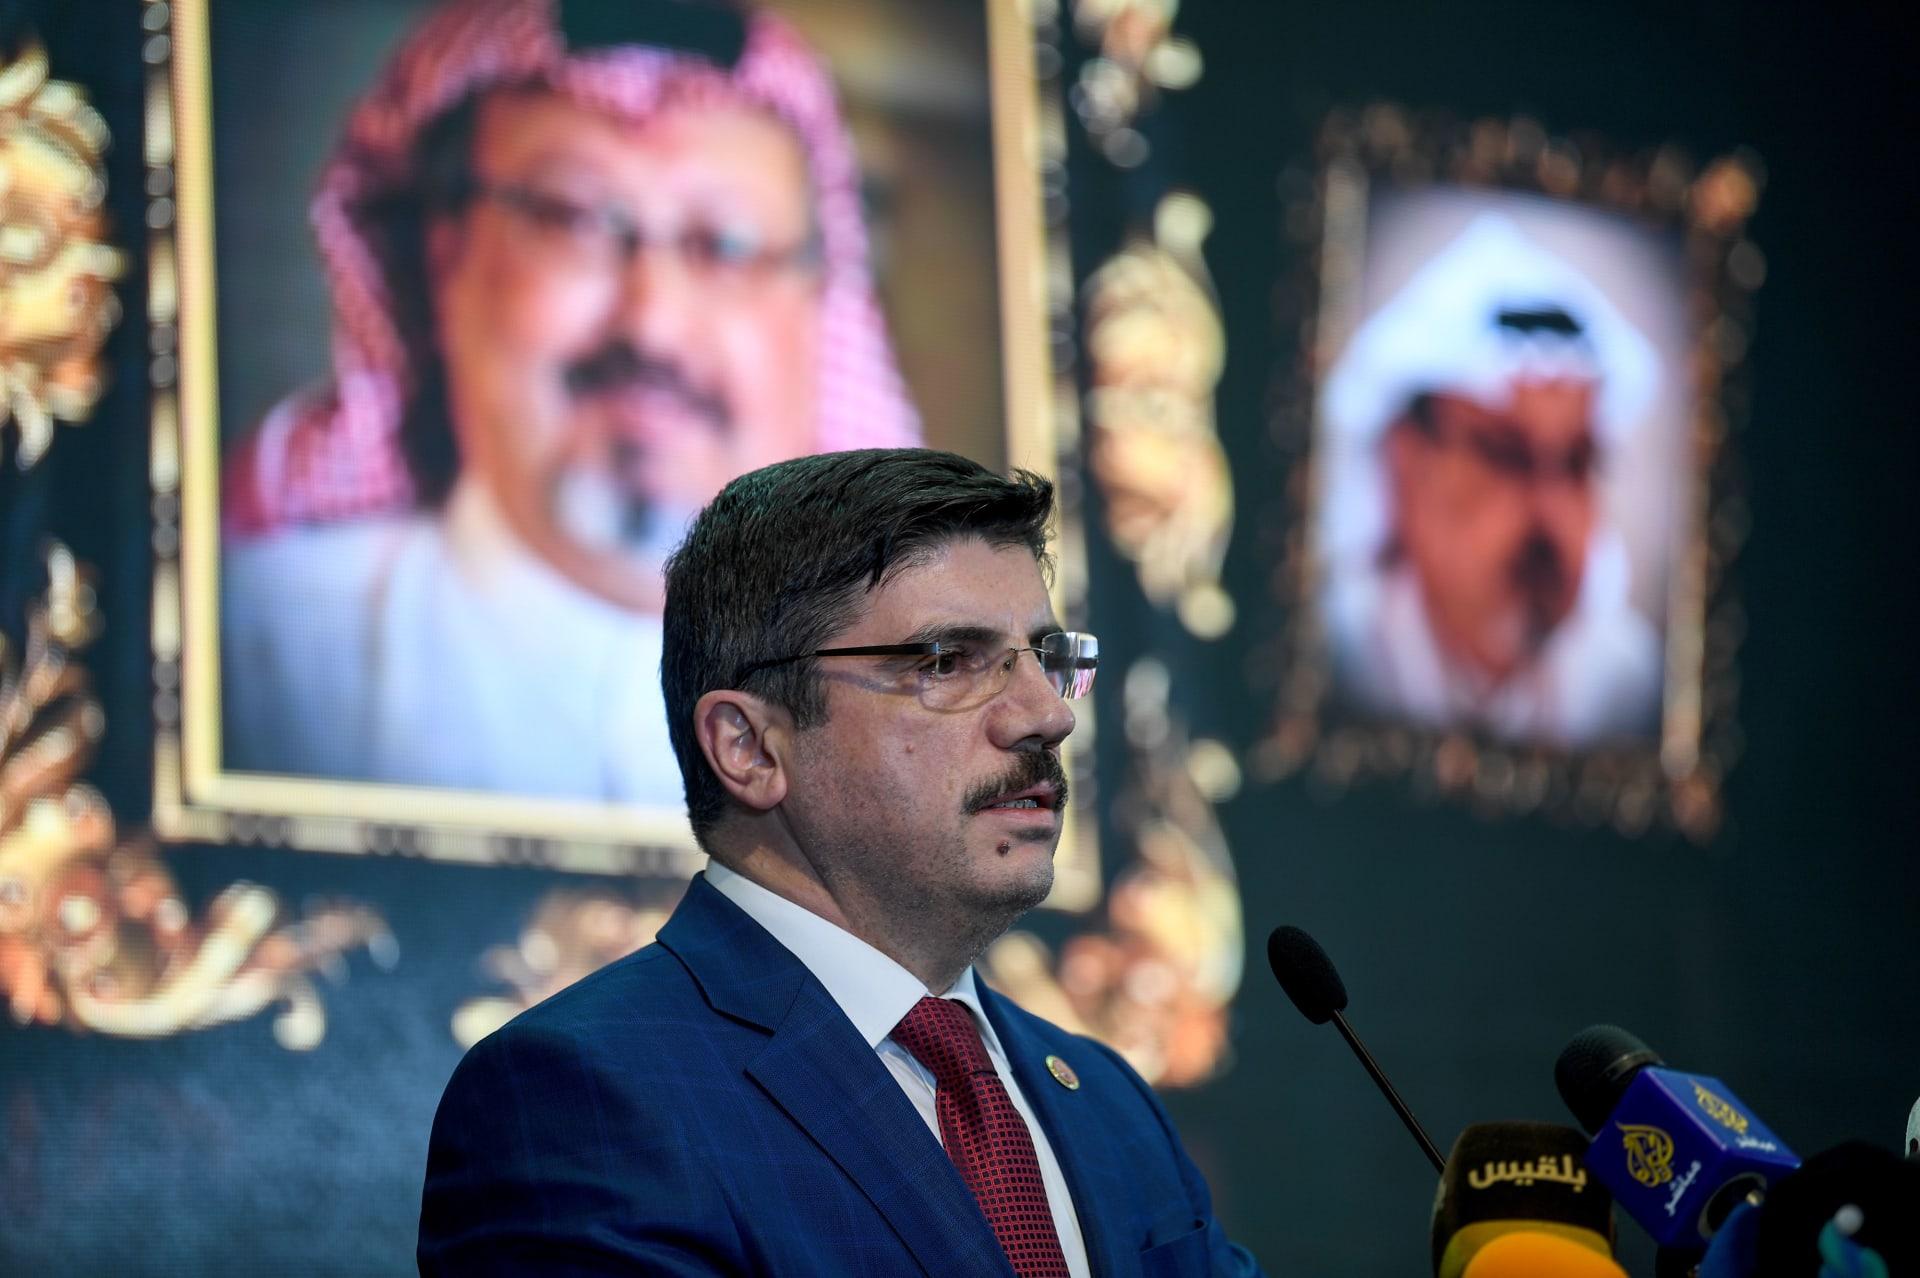 المتحدث باسم أردوغان يتغزل بالجيش المصري ويدعو للتقارب ويؤكد: لدى تركيا الحق الأكبر بالدفاع عن العرب